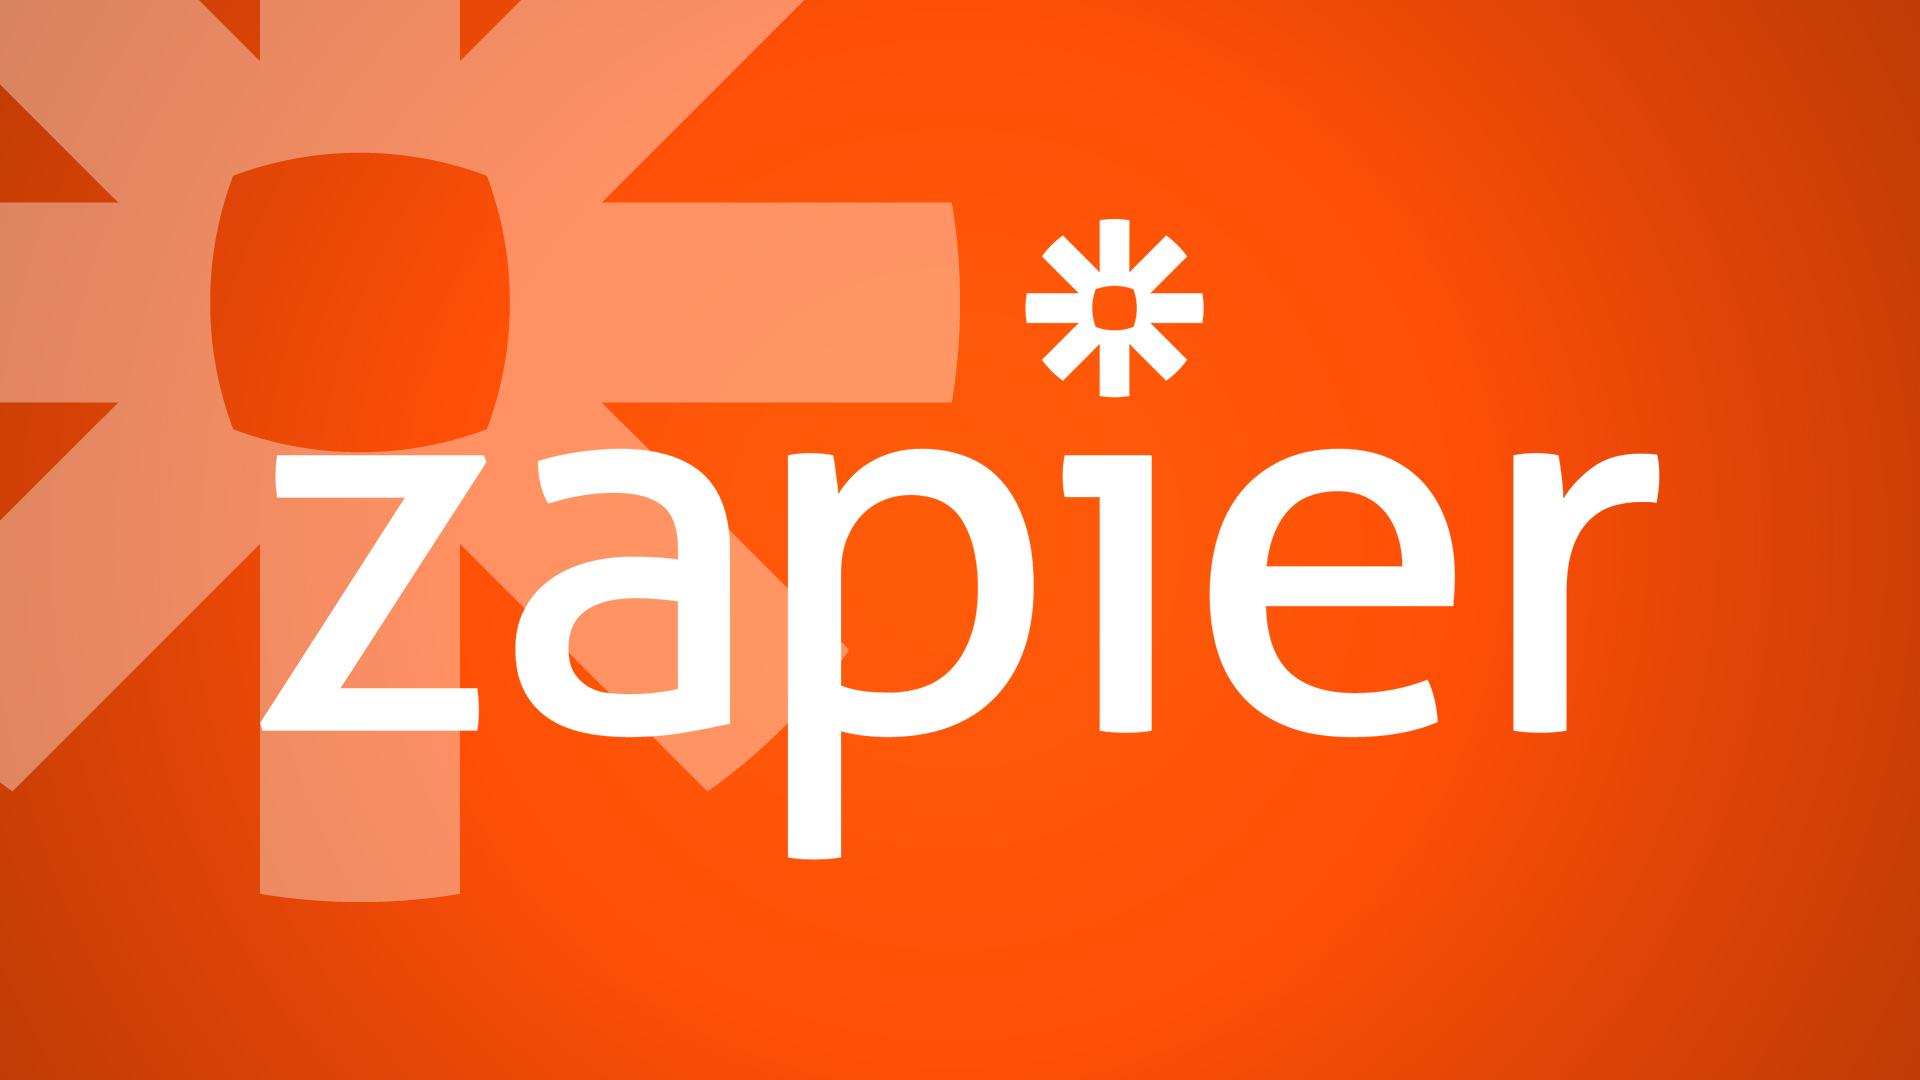 zapier-logo-1920